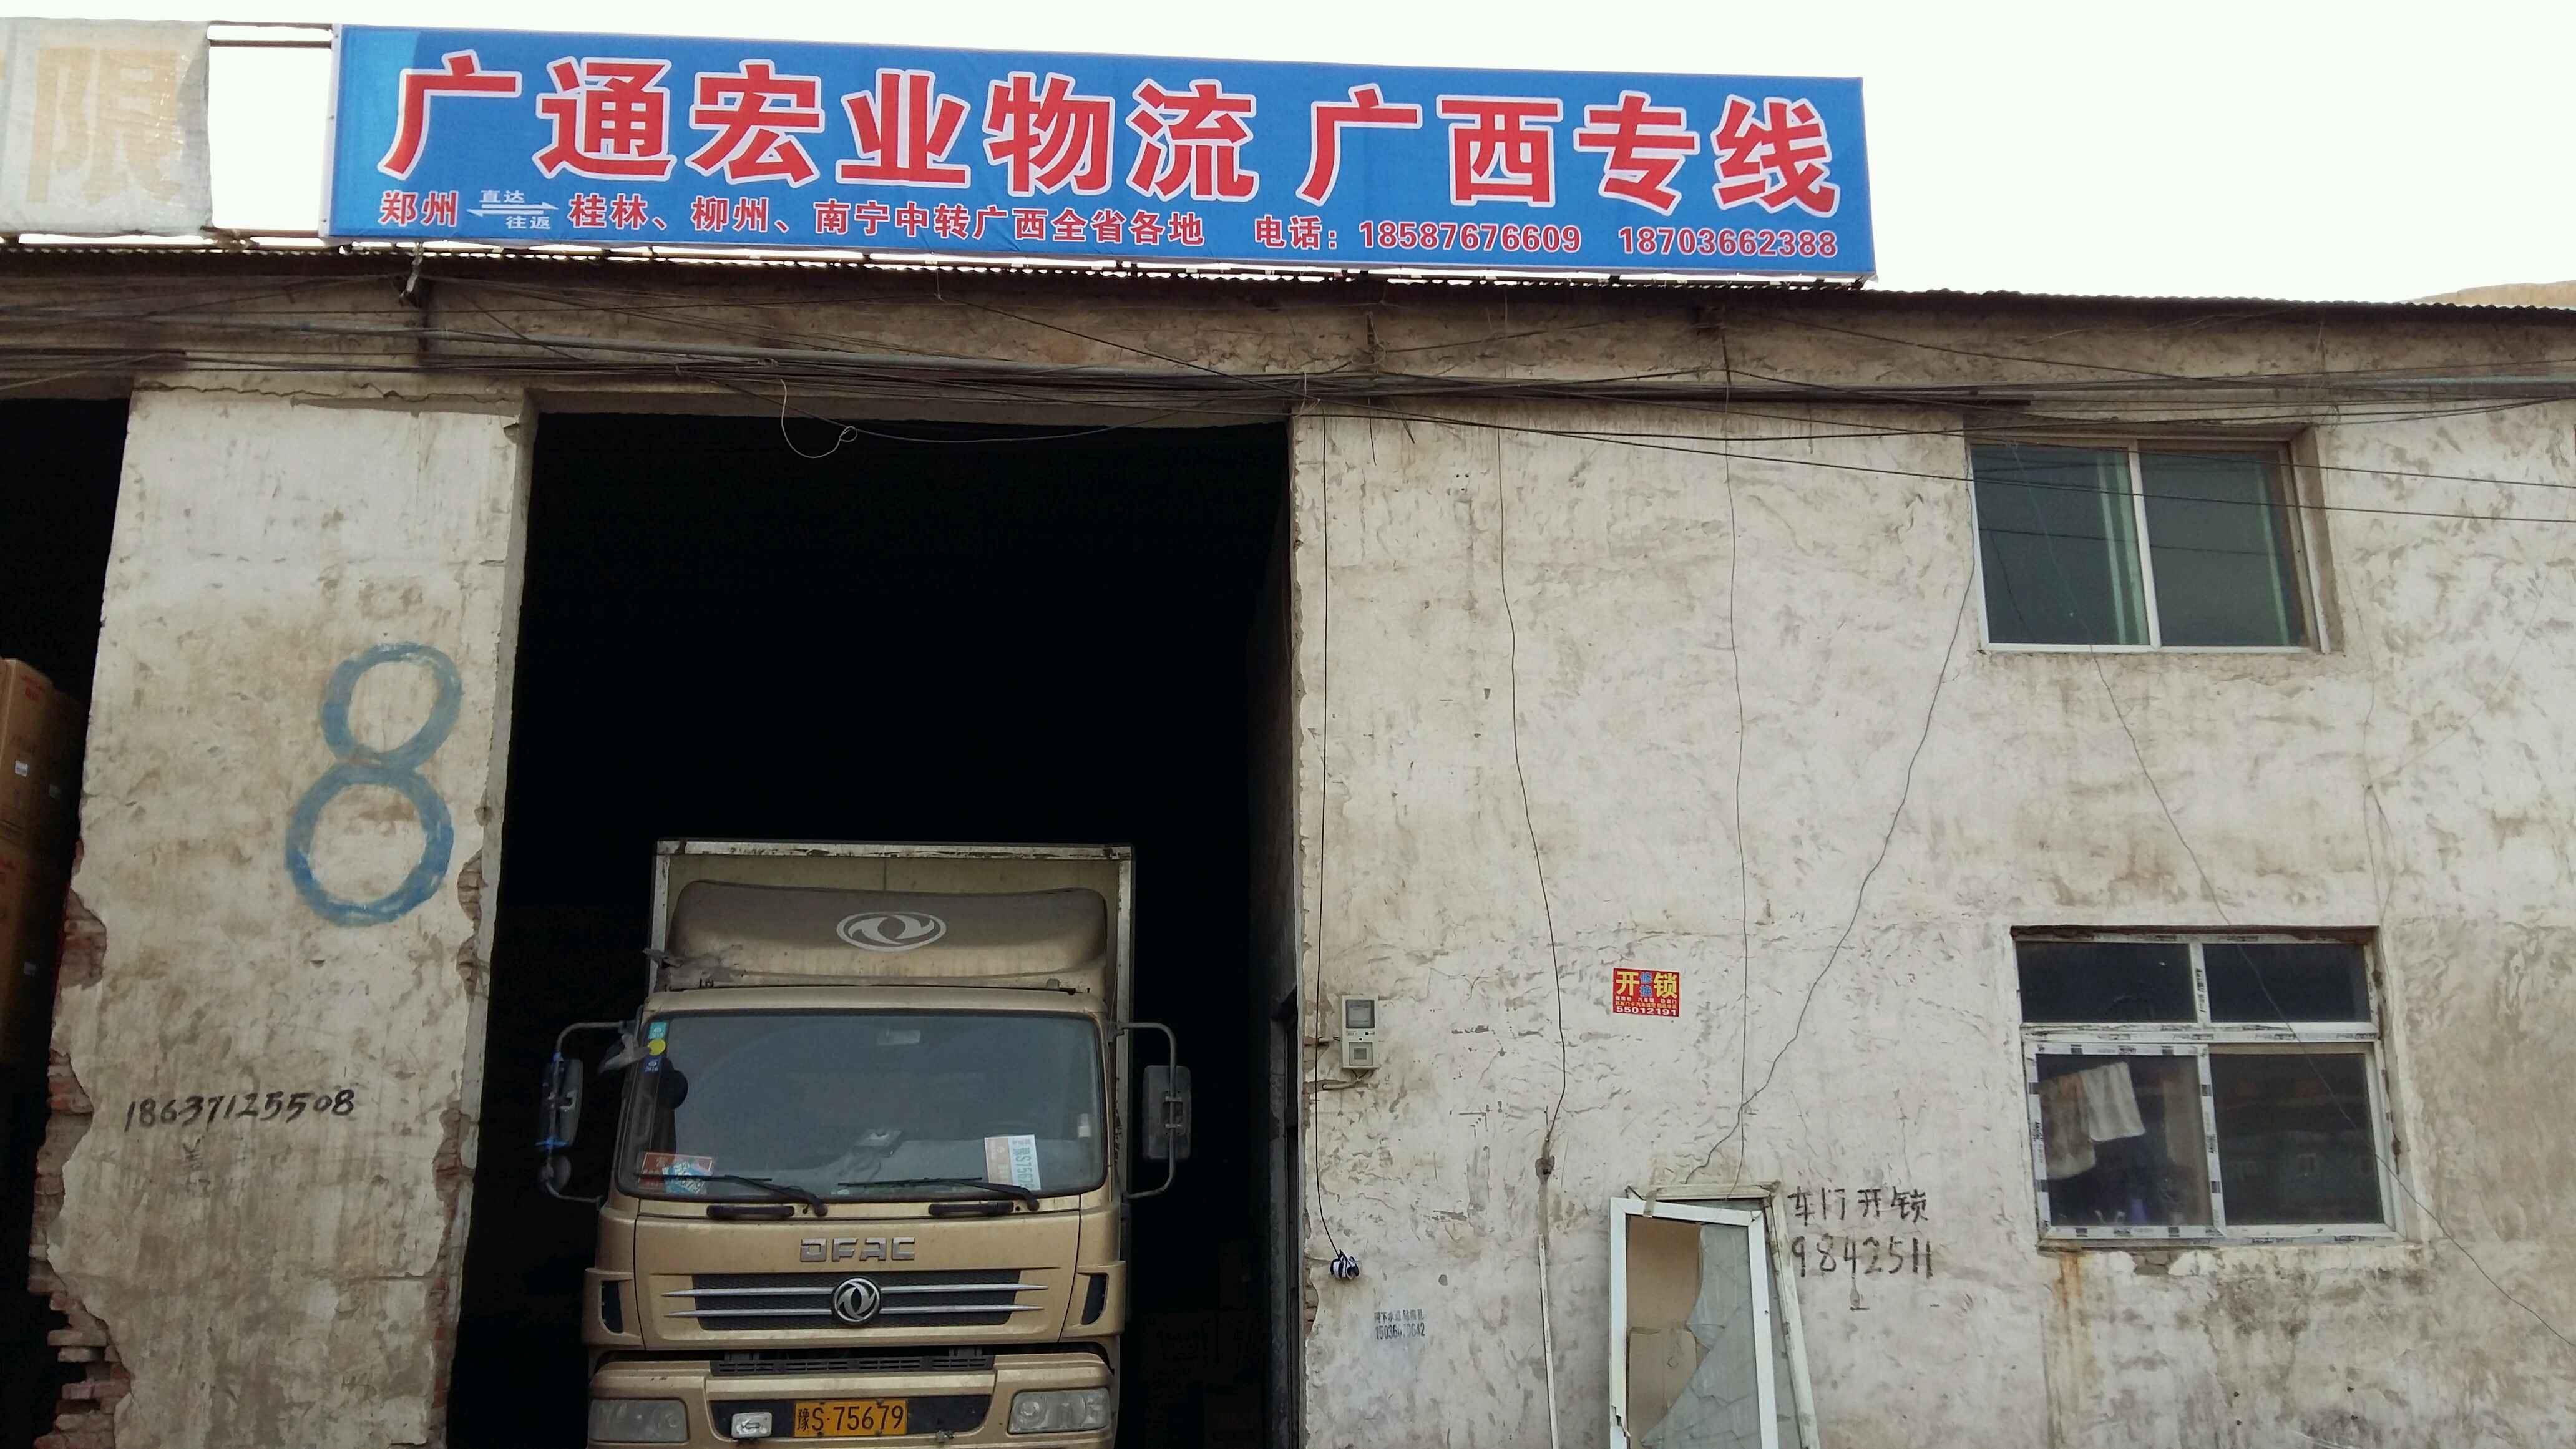 桂林到广州物流专线(广西南宁市广通宏业物流有限公司桂林业务部)